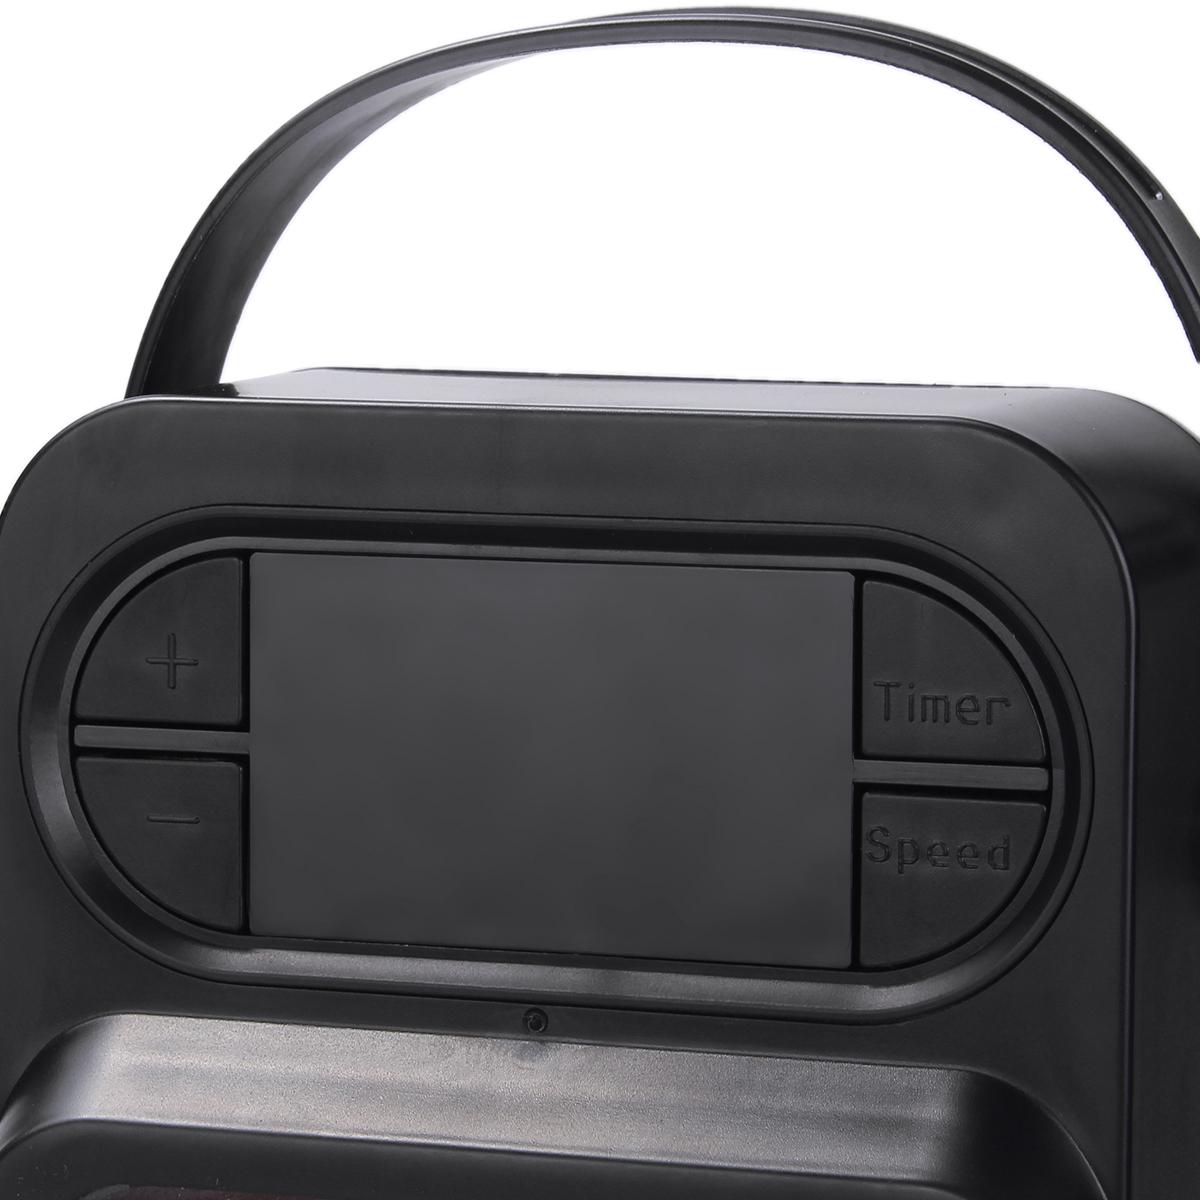 220V 900W Mini Portable Electric Heater Fan Hot Fan Home Garages Office Winter Warmer